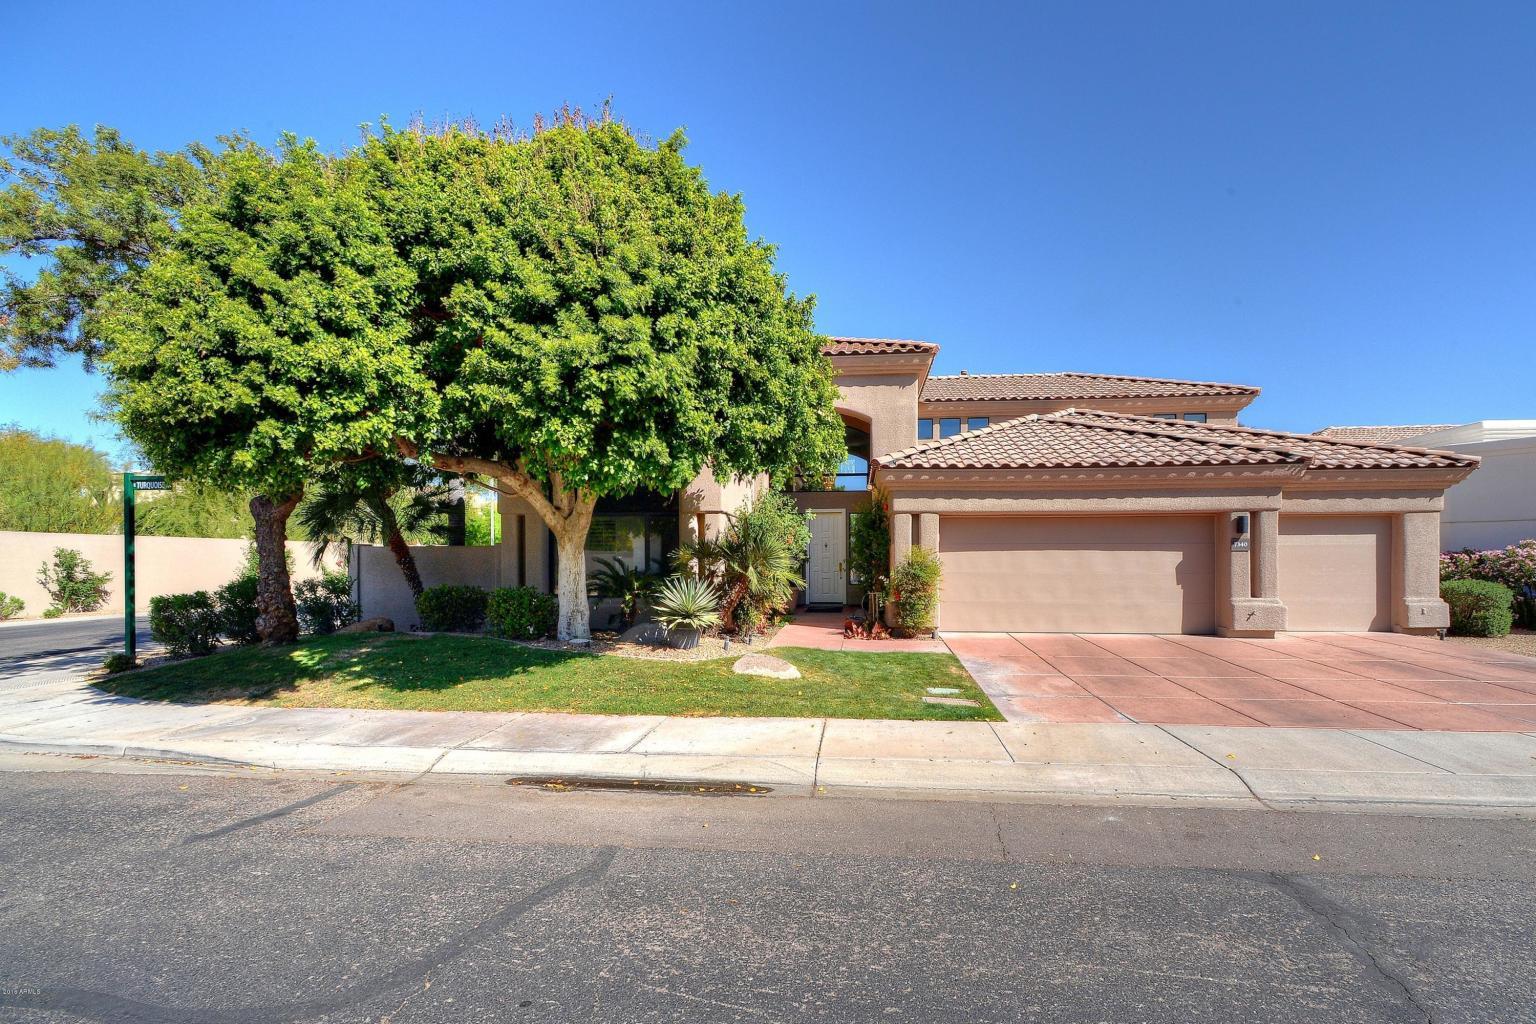 7340 E Turquoise Ave, Scottsdale | $630,000